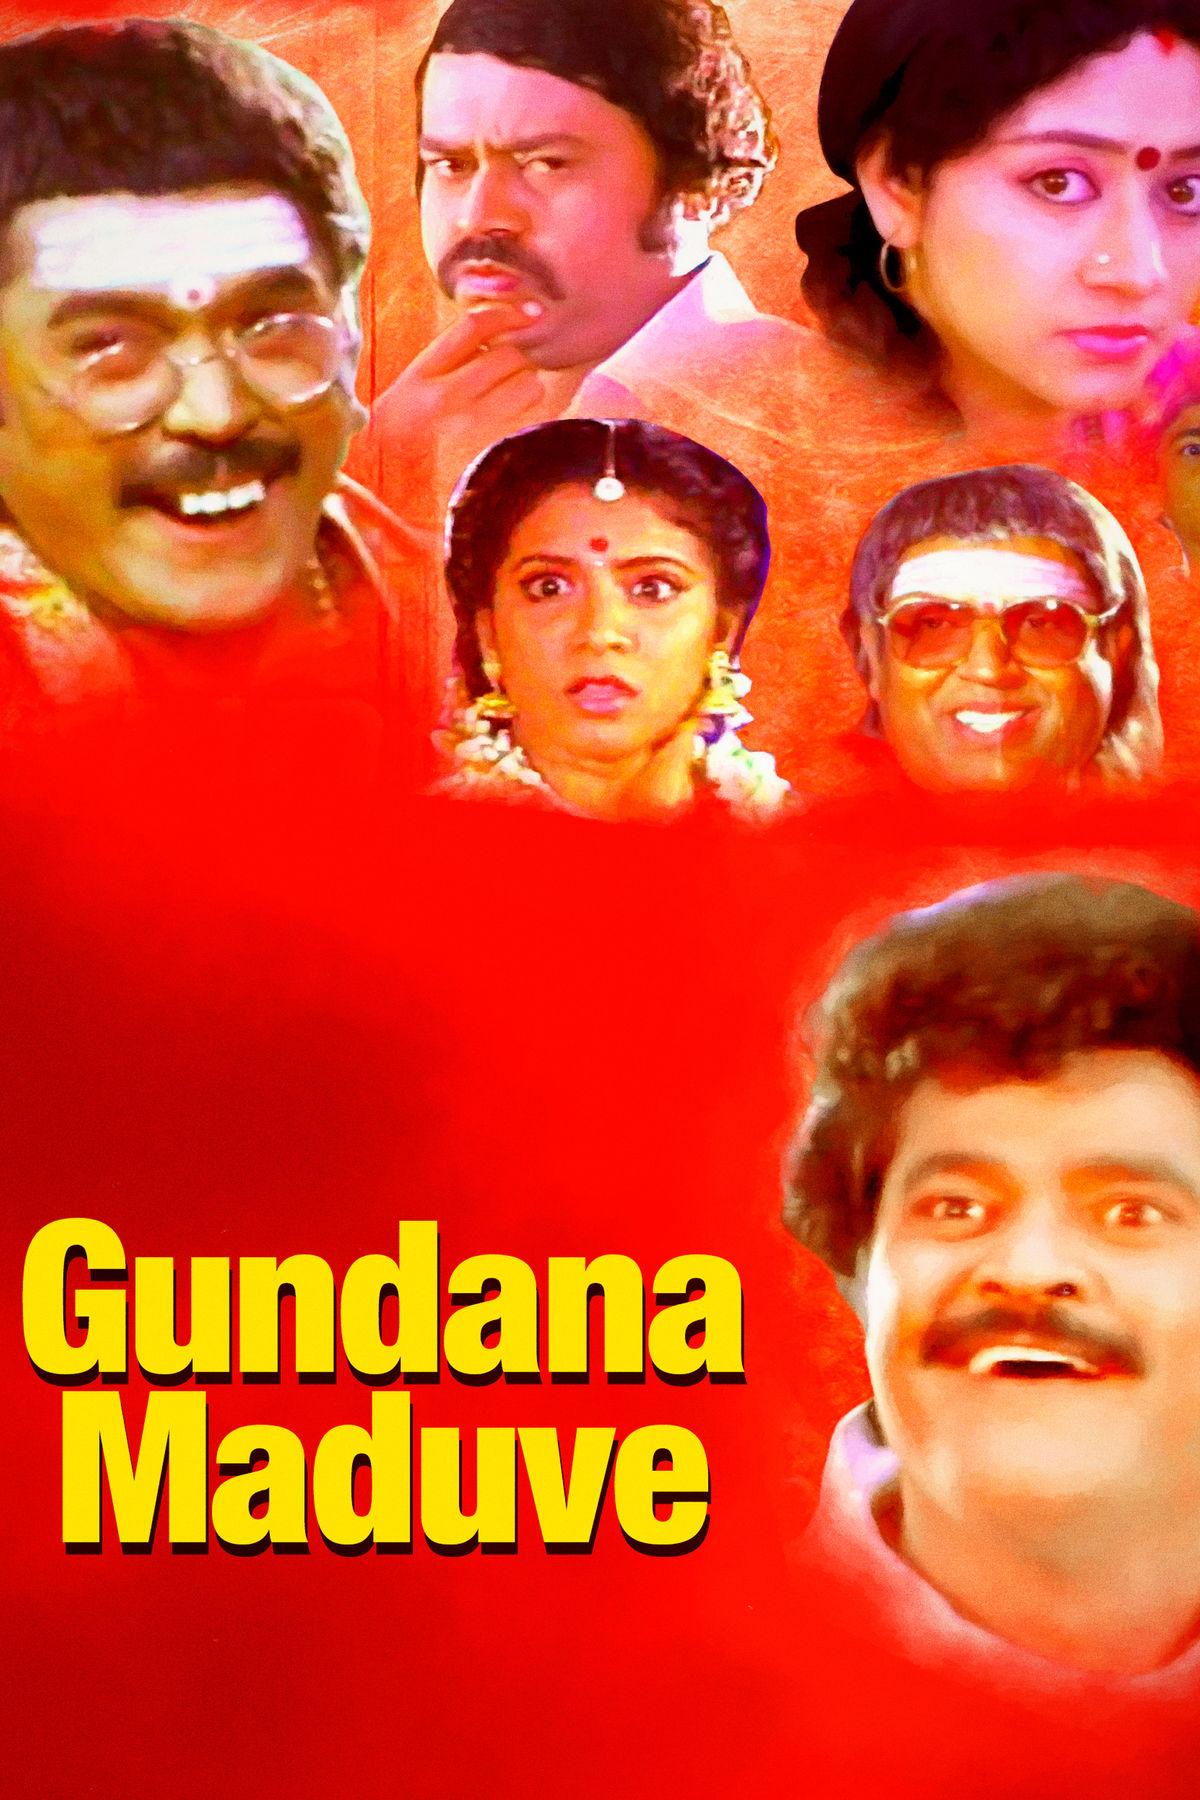 Gundana Maduve